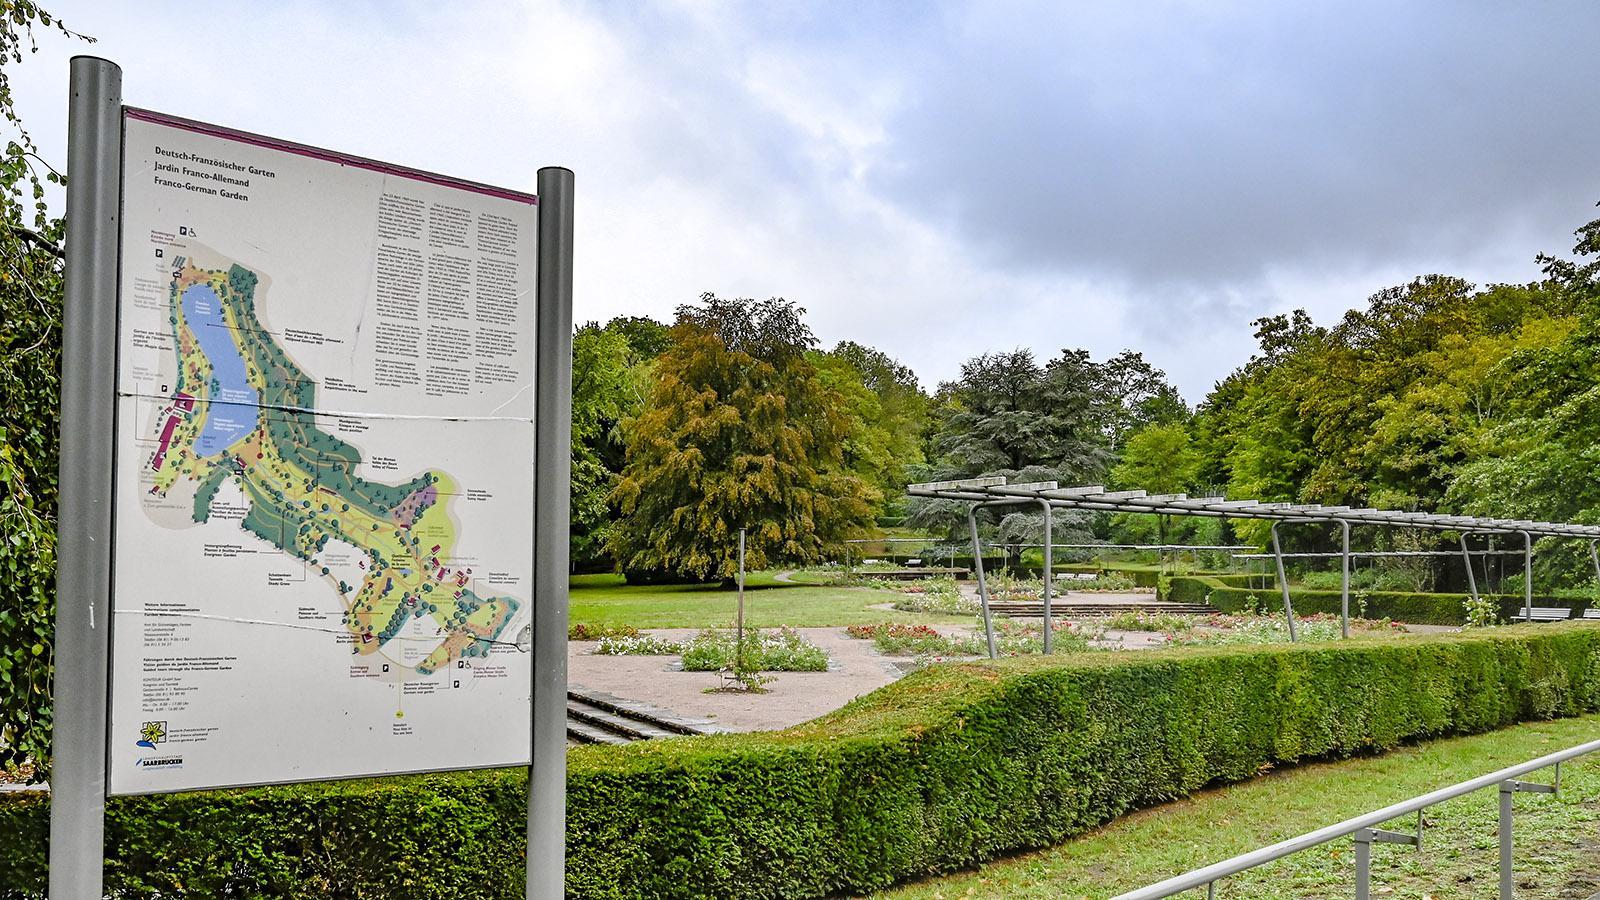 Grüne Oase mit Parkbahn, See und schönen Pflanzen: der Deutsch-Französische Garten. Foto: Hilke Maunder